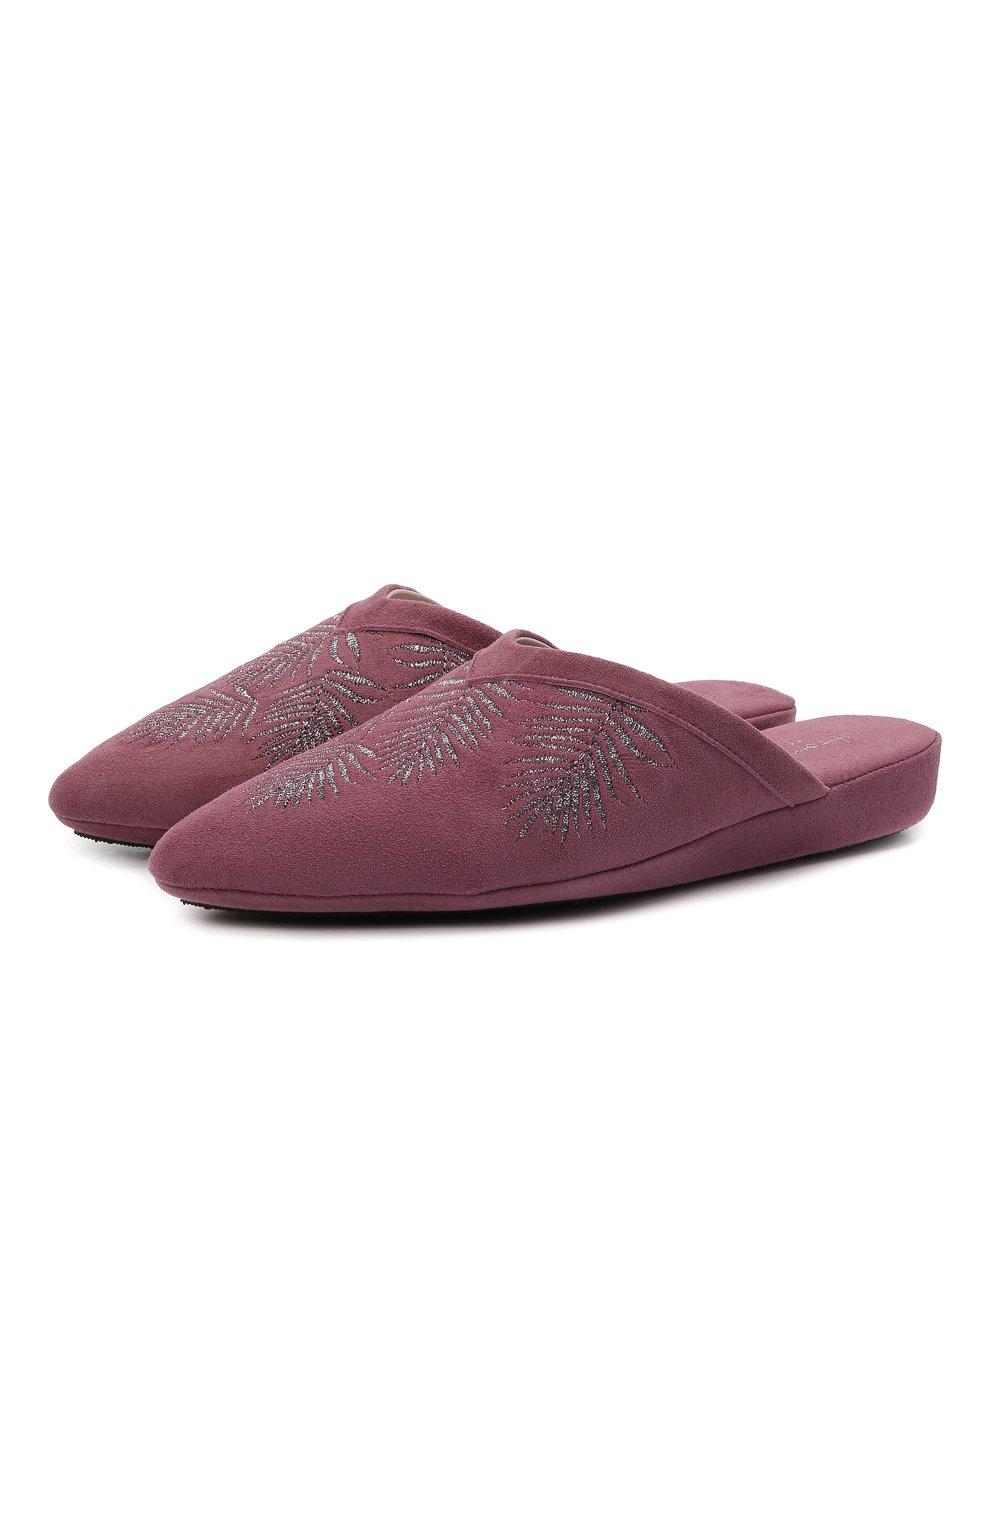 Женского туфли комнатные HOMERS AT HOME сиреневого цвета, арт. 19077R/ANTE   Фото 1 (Каблук высота: Низкий; Материал внутренний: Натуральная кожа; Женское Кросс-КТ: тапочки-домашняя обувь; Подошва: Плоская)